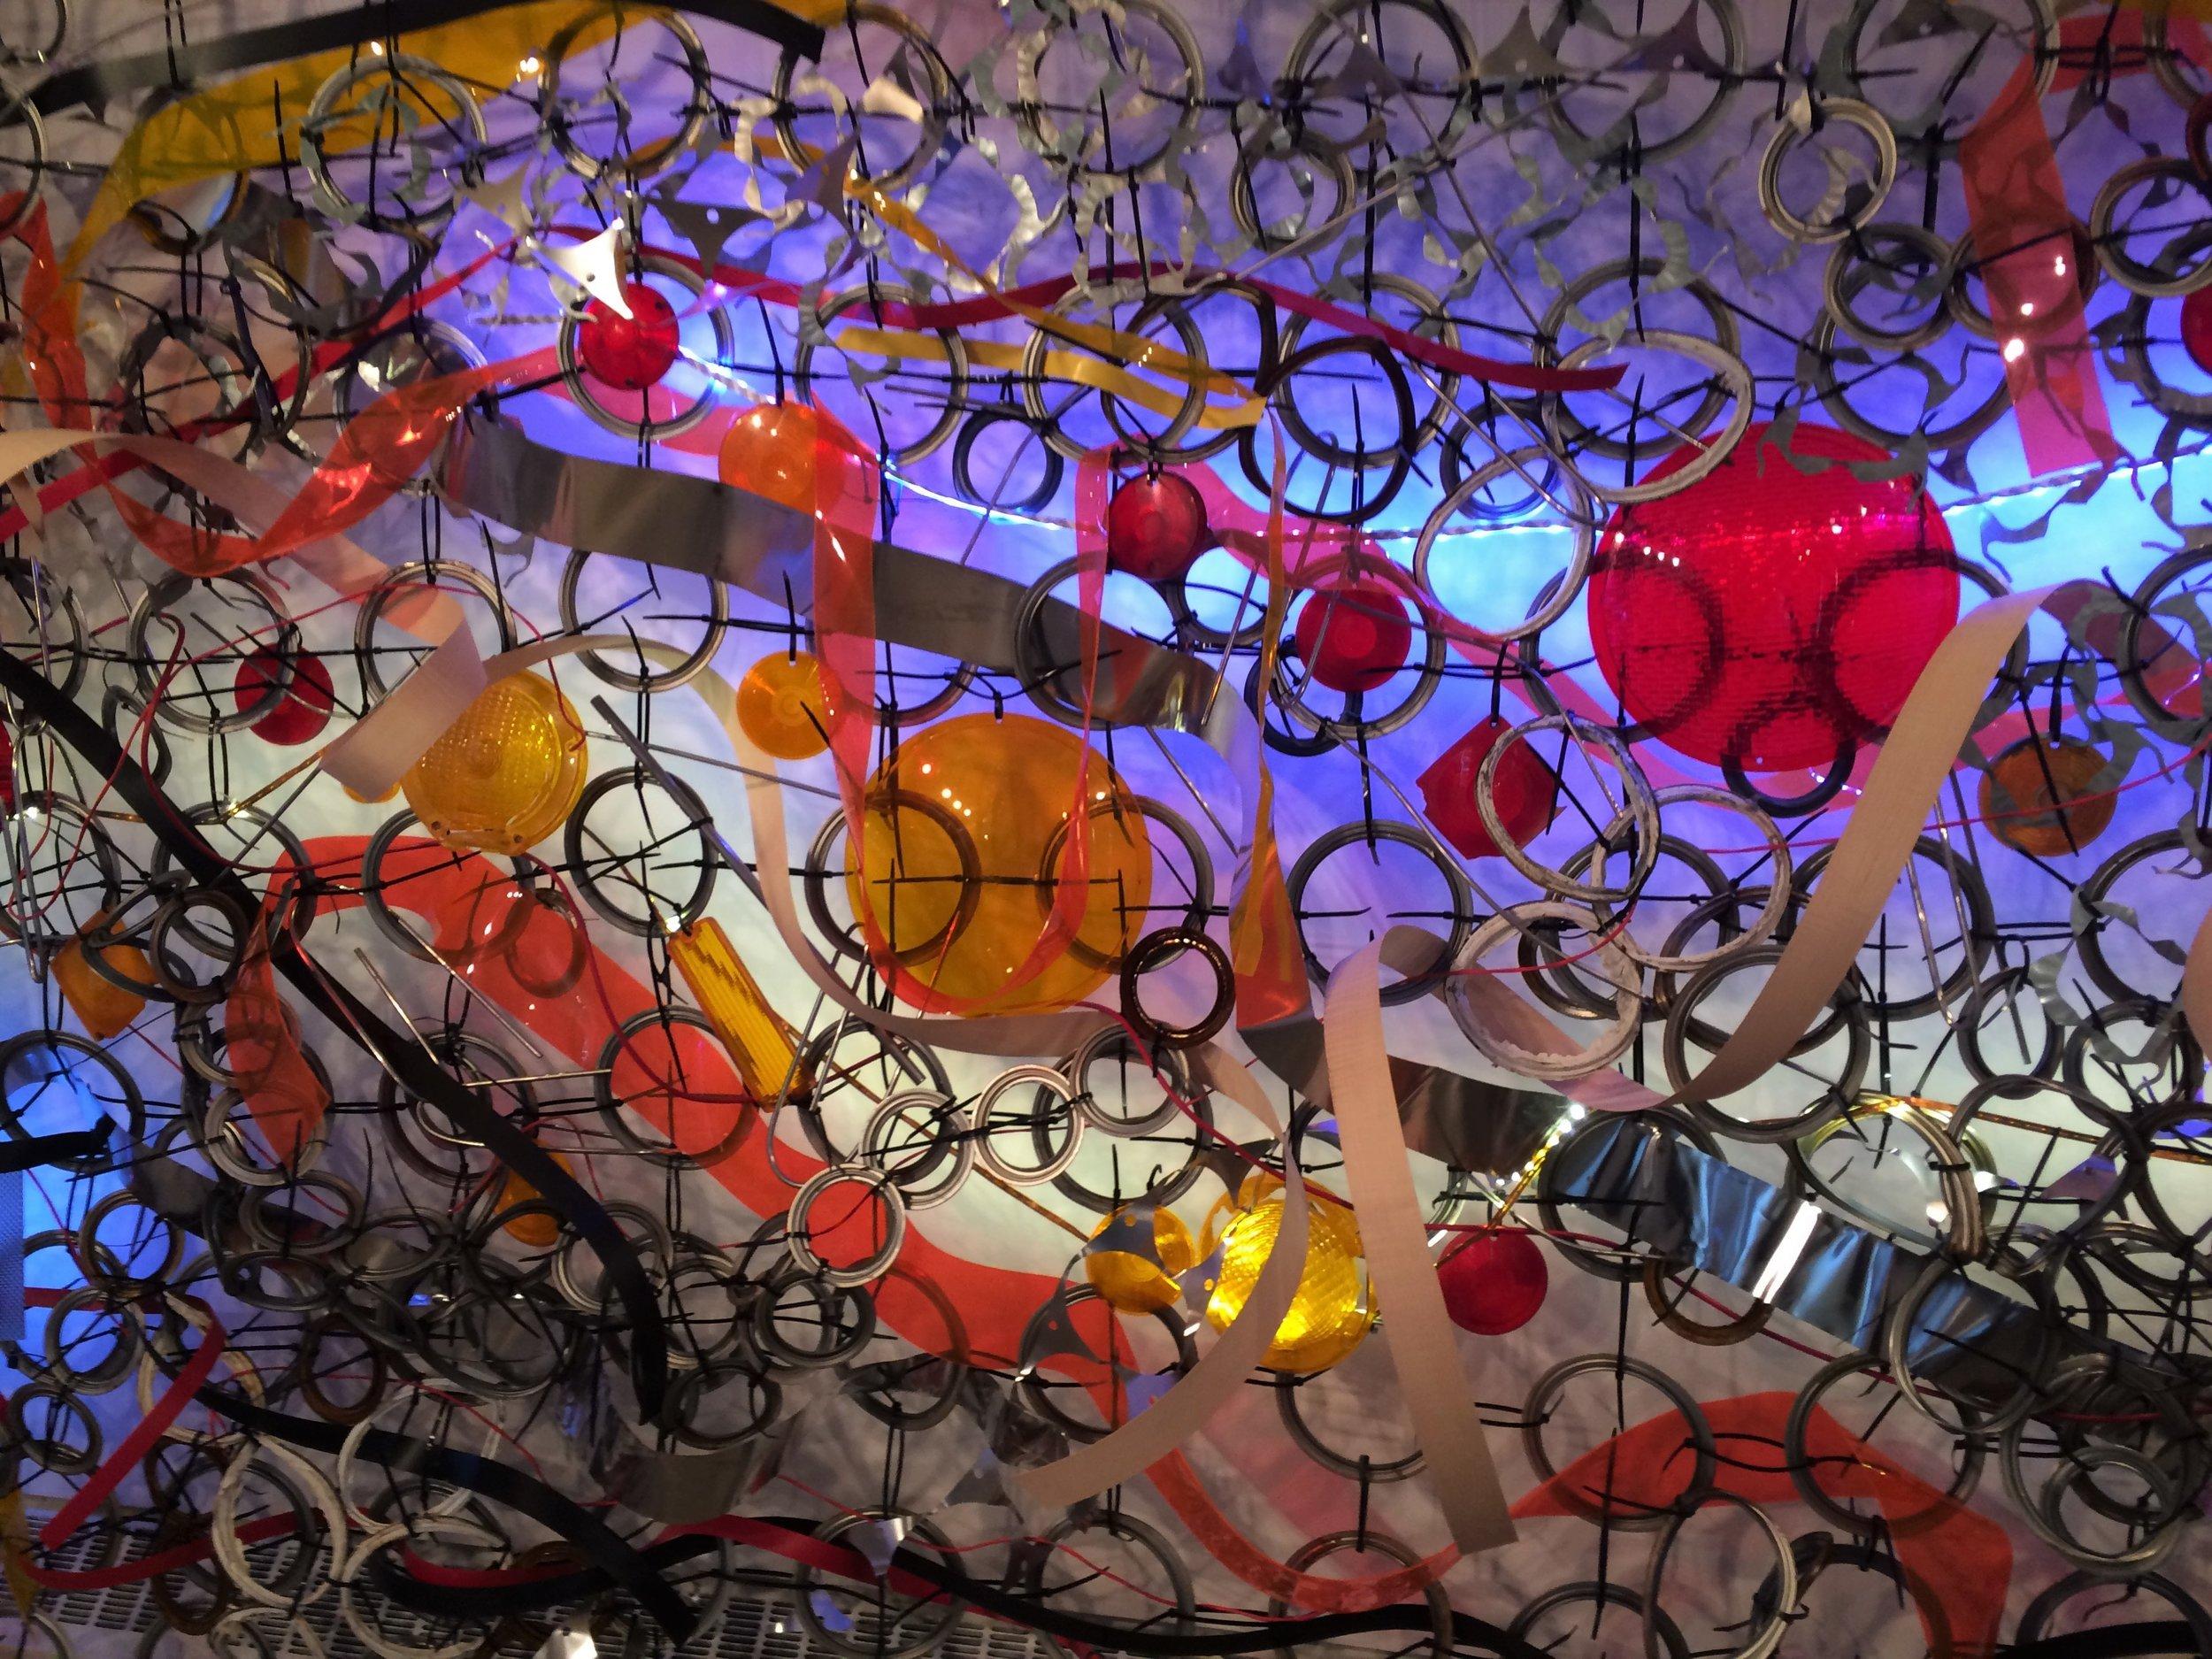 116 Gallery Slivinski detail of - Lightning Field.JPG